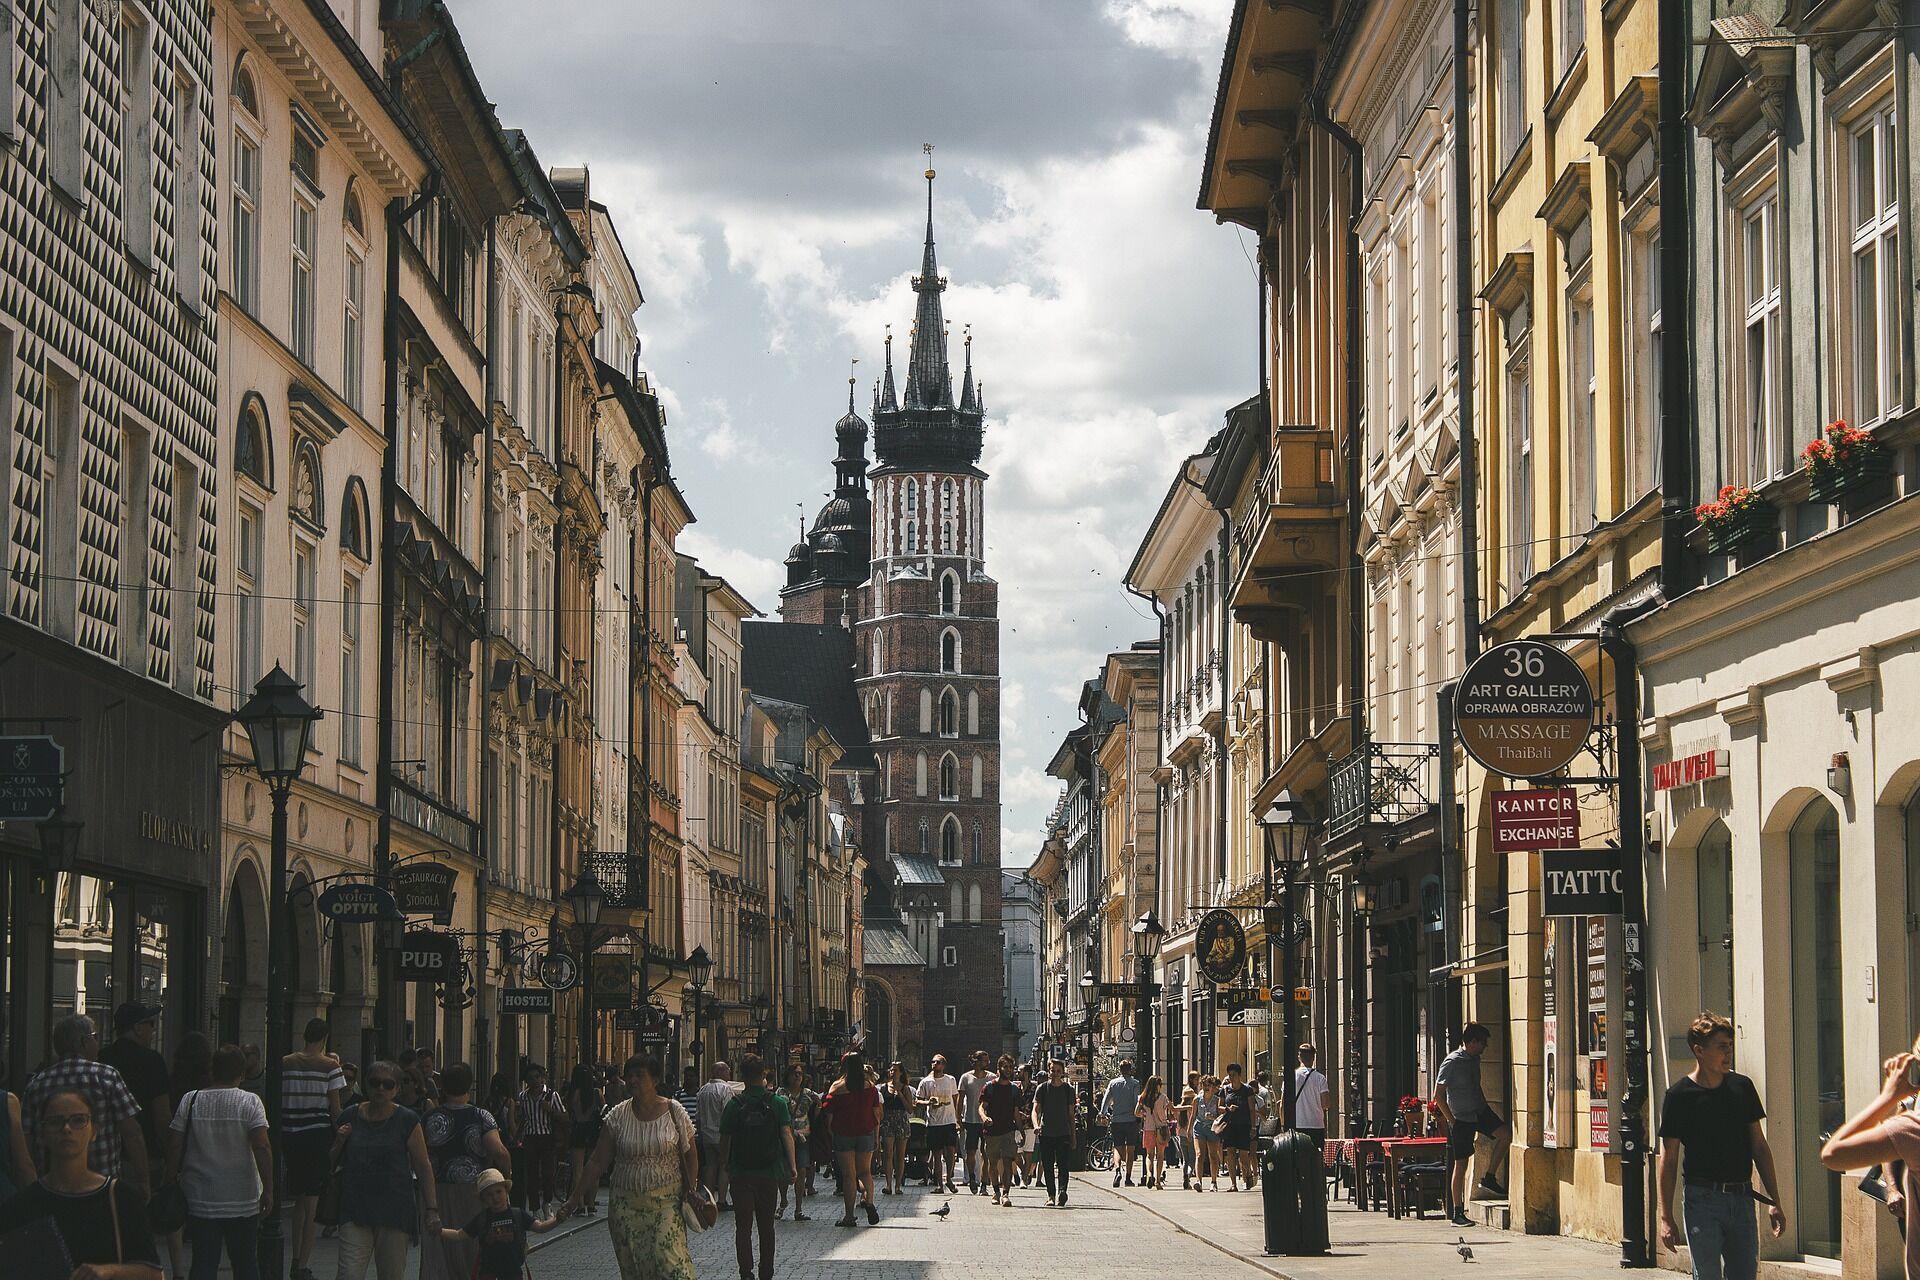 Багато українців, які бували в Польщі, розповідали, що місцеві часто сваряться через політику